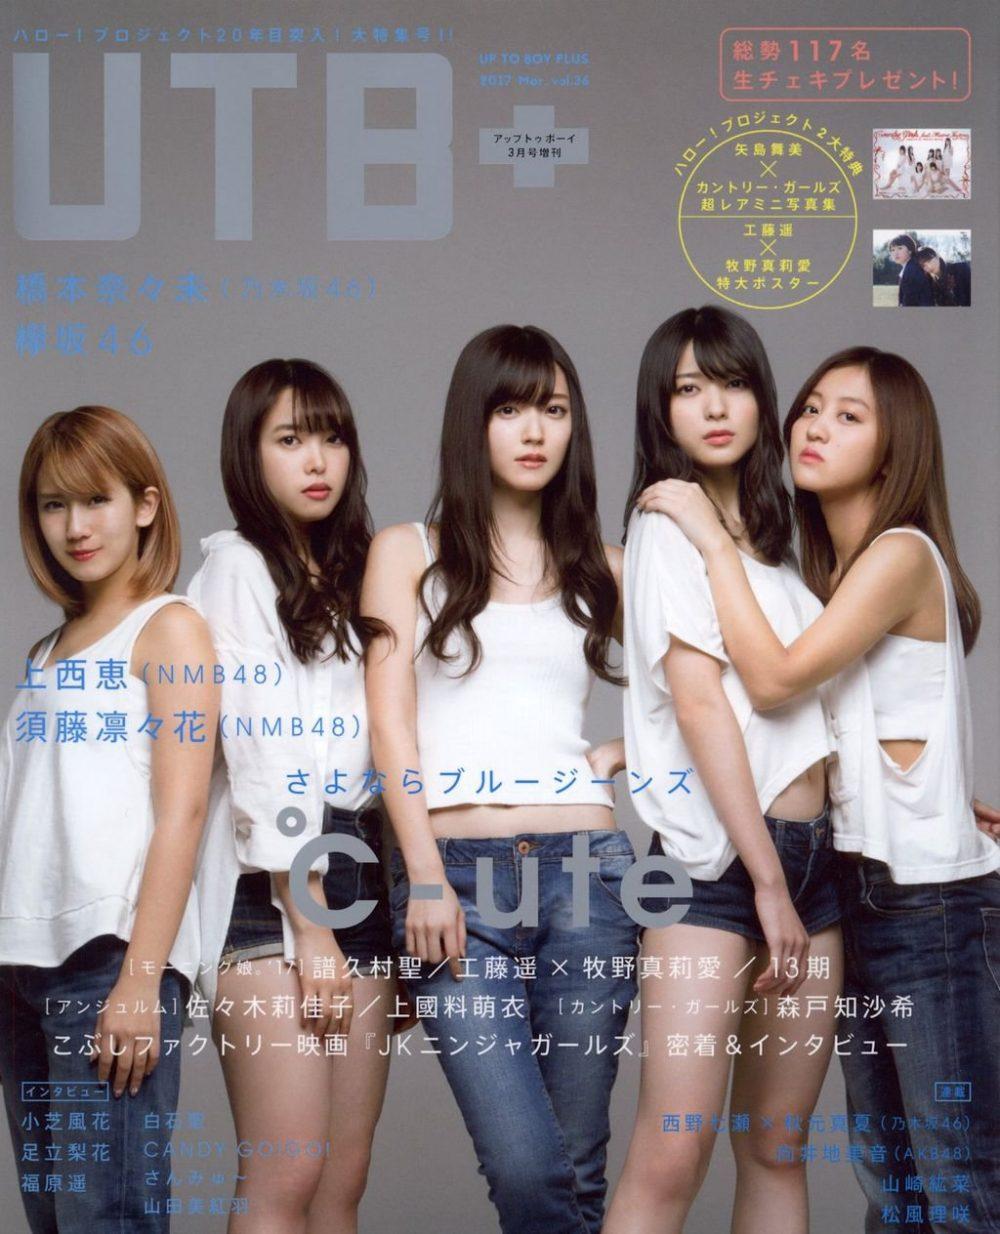 ℃-ute en la revista Up To Boy Plus (2017 vol. 36)